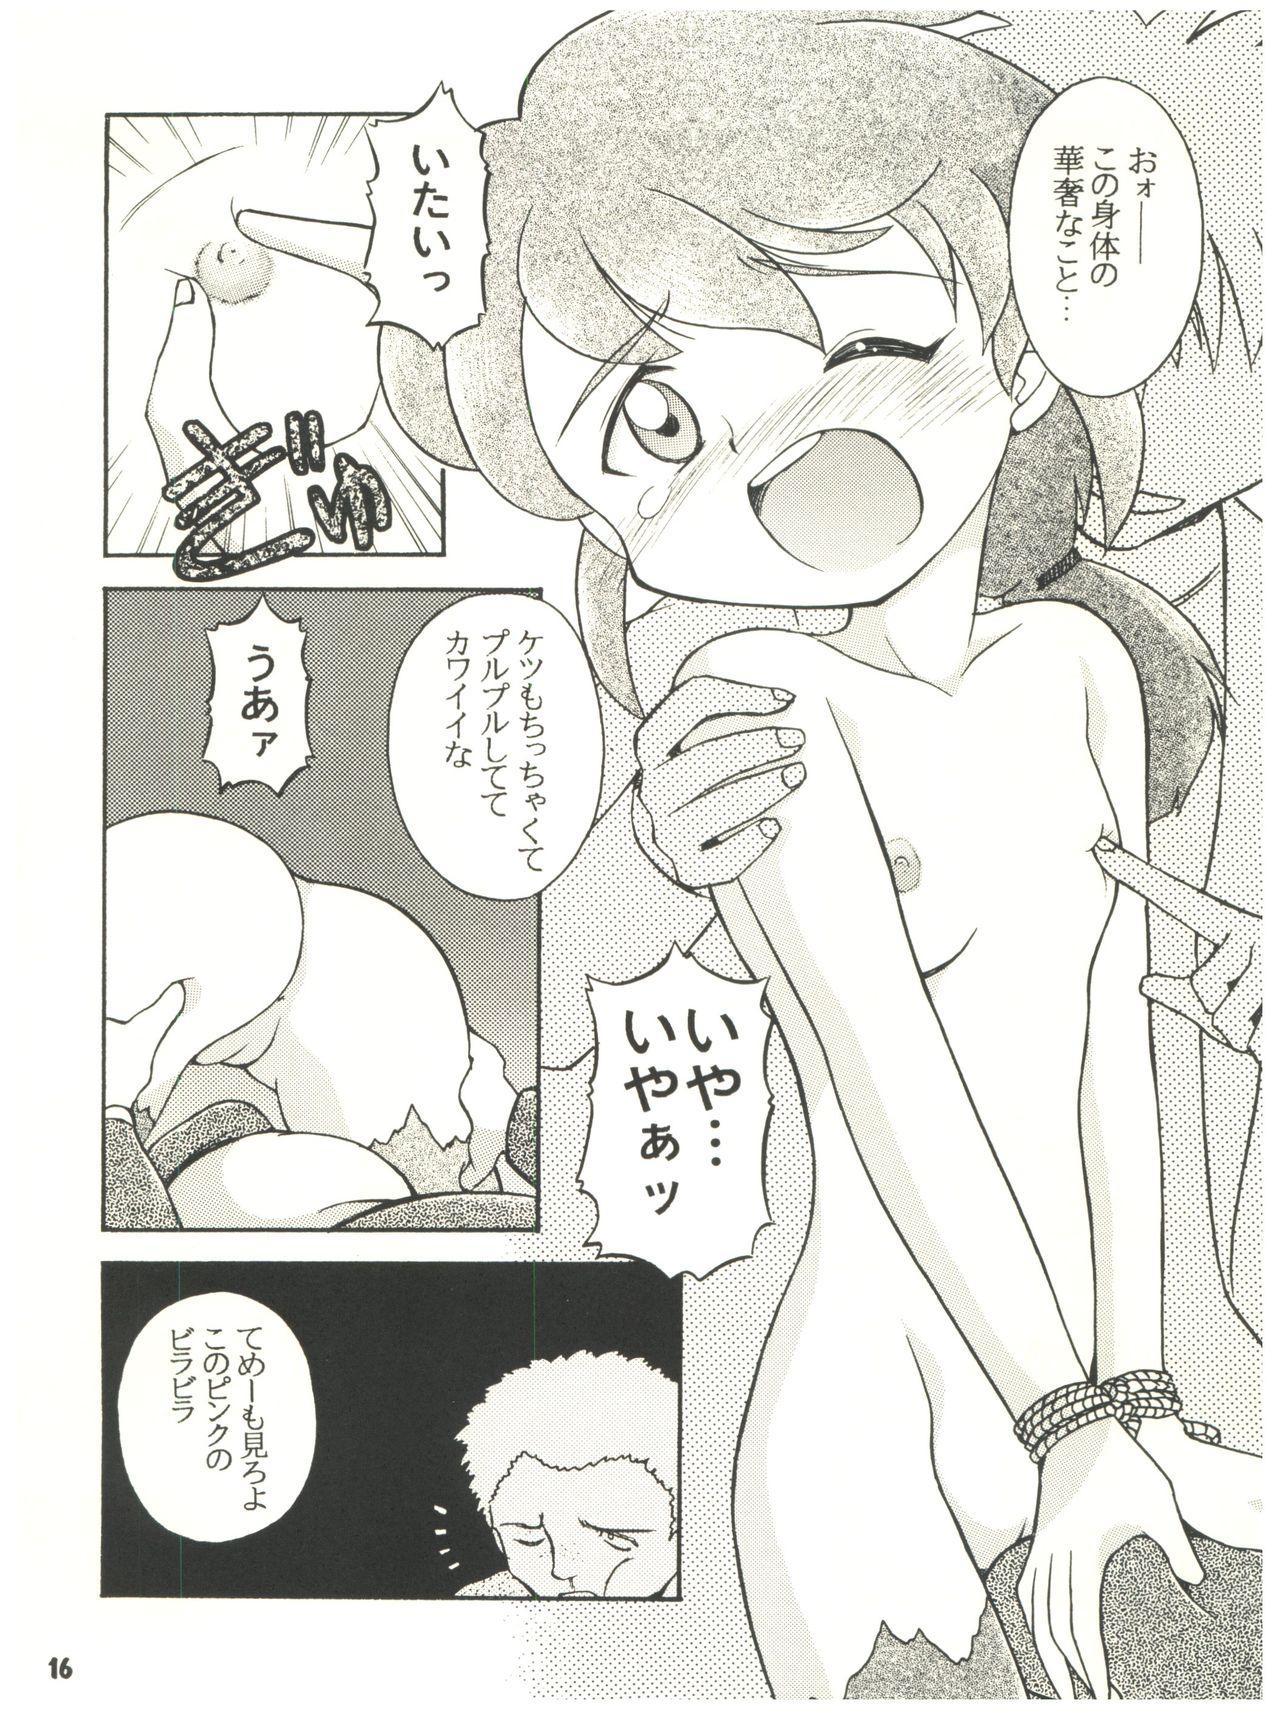 [Sairo Publishing (J. Sairo) En-Jack 2 (Various) 15